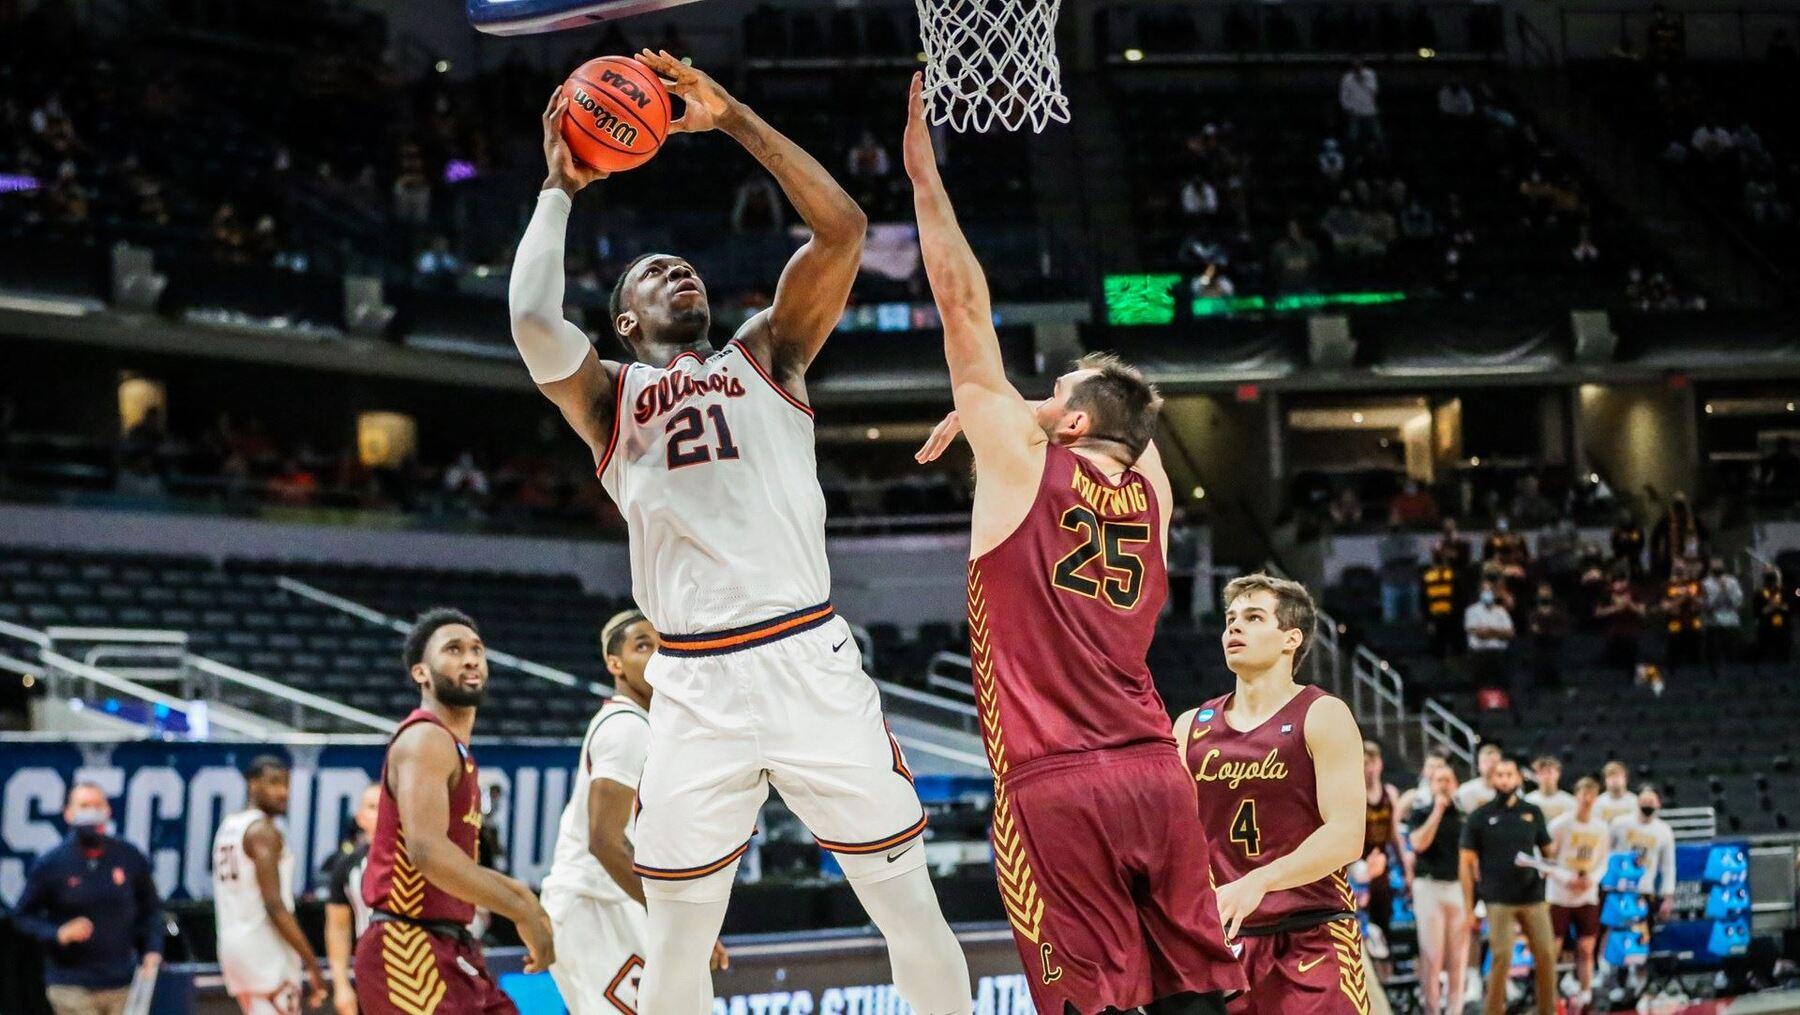 Kofi Cockburn goes up for a shot under the basket against Loyola